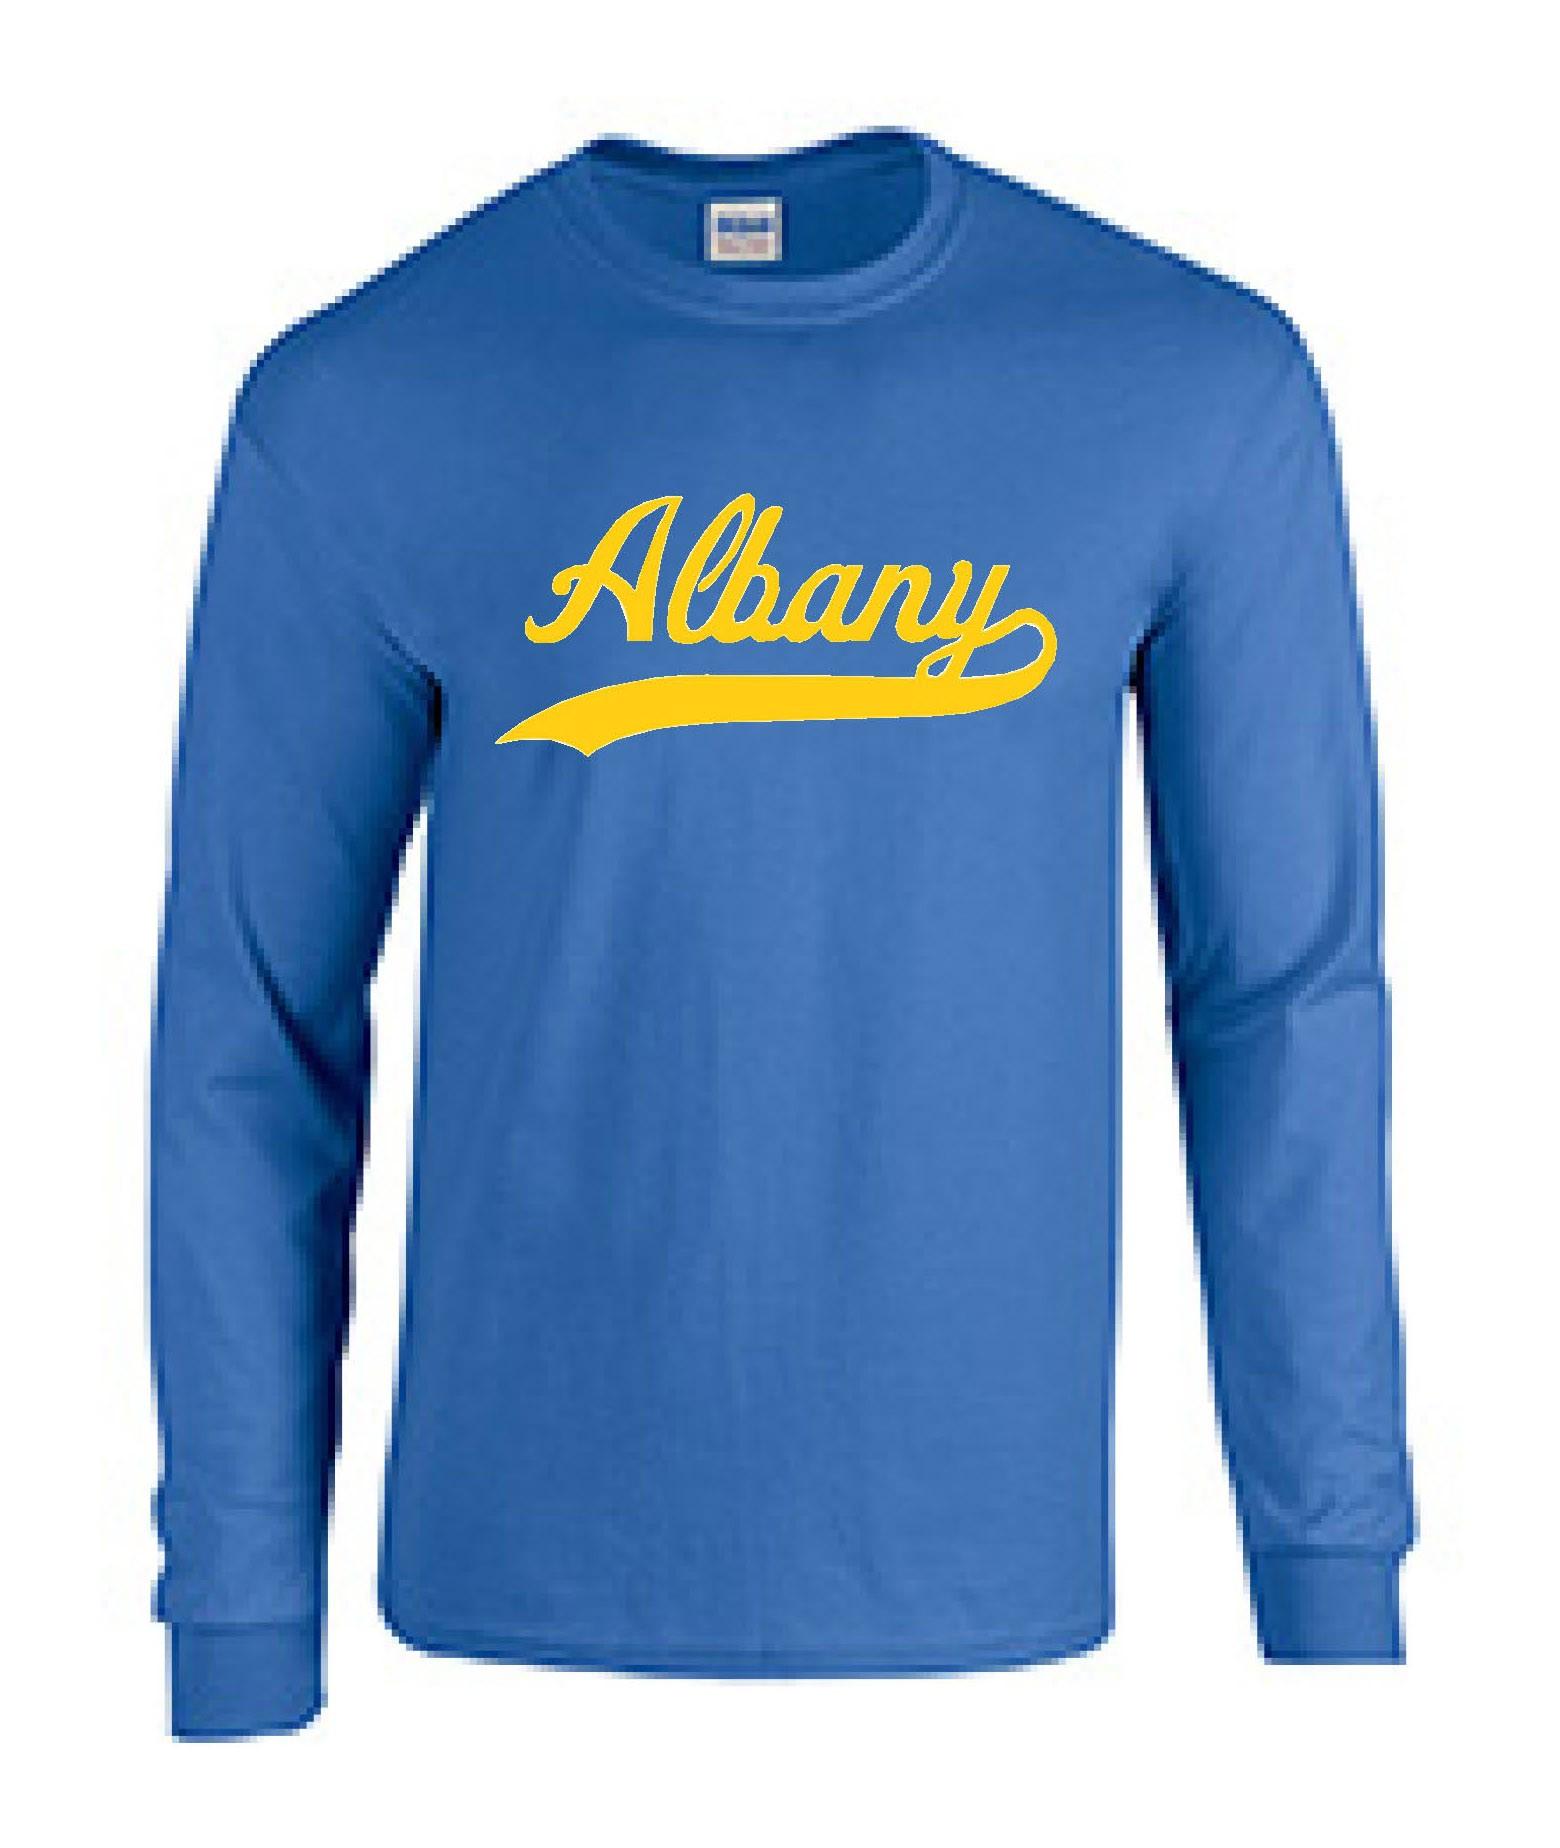 Albany Swoosh Long Sleeve T-Shirt